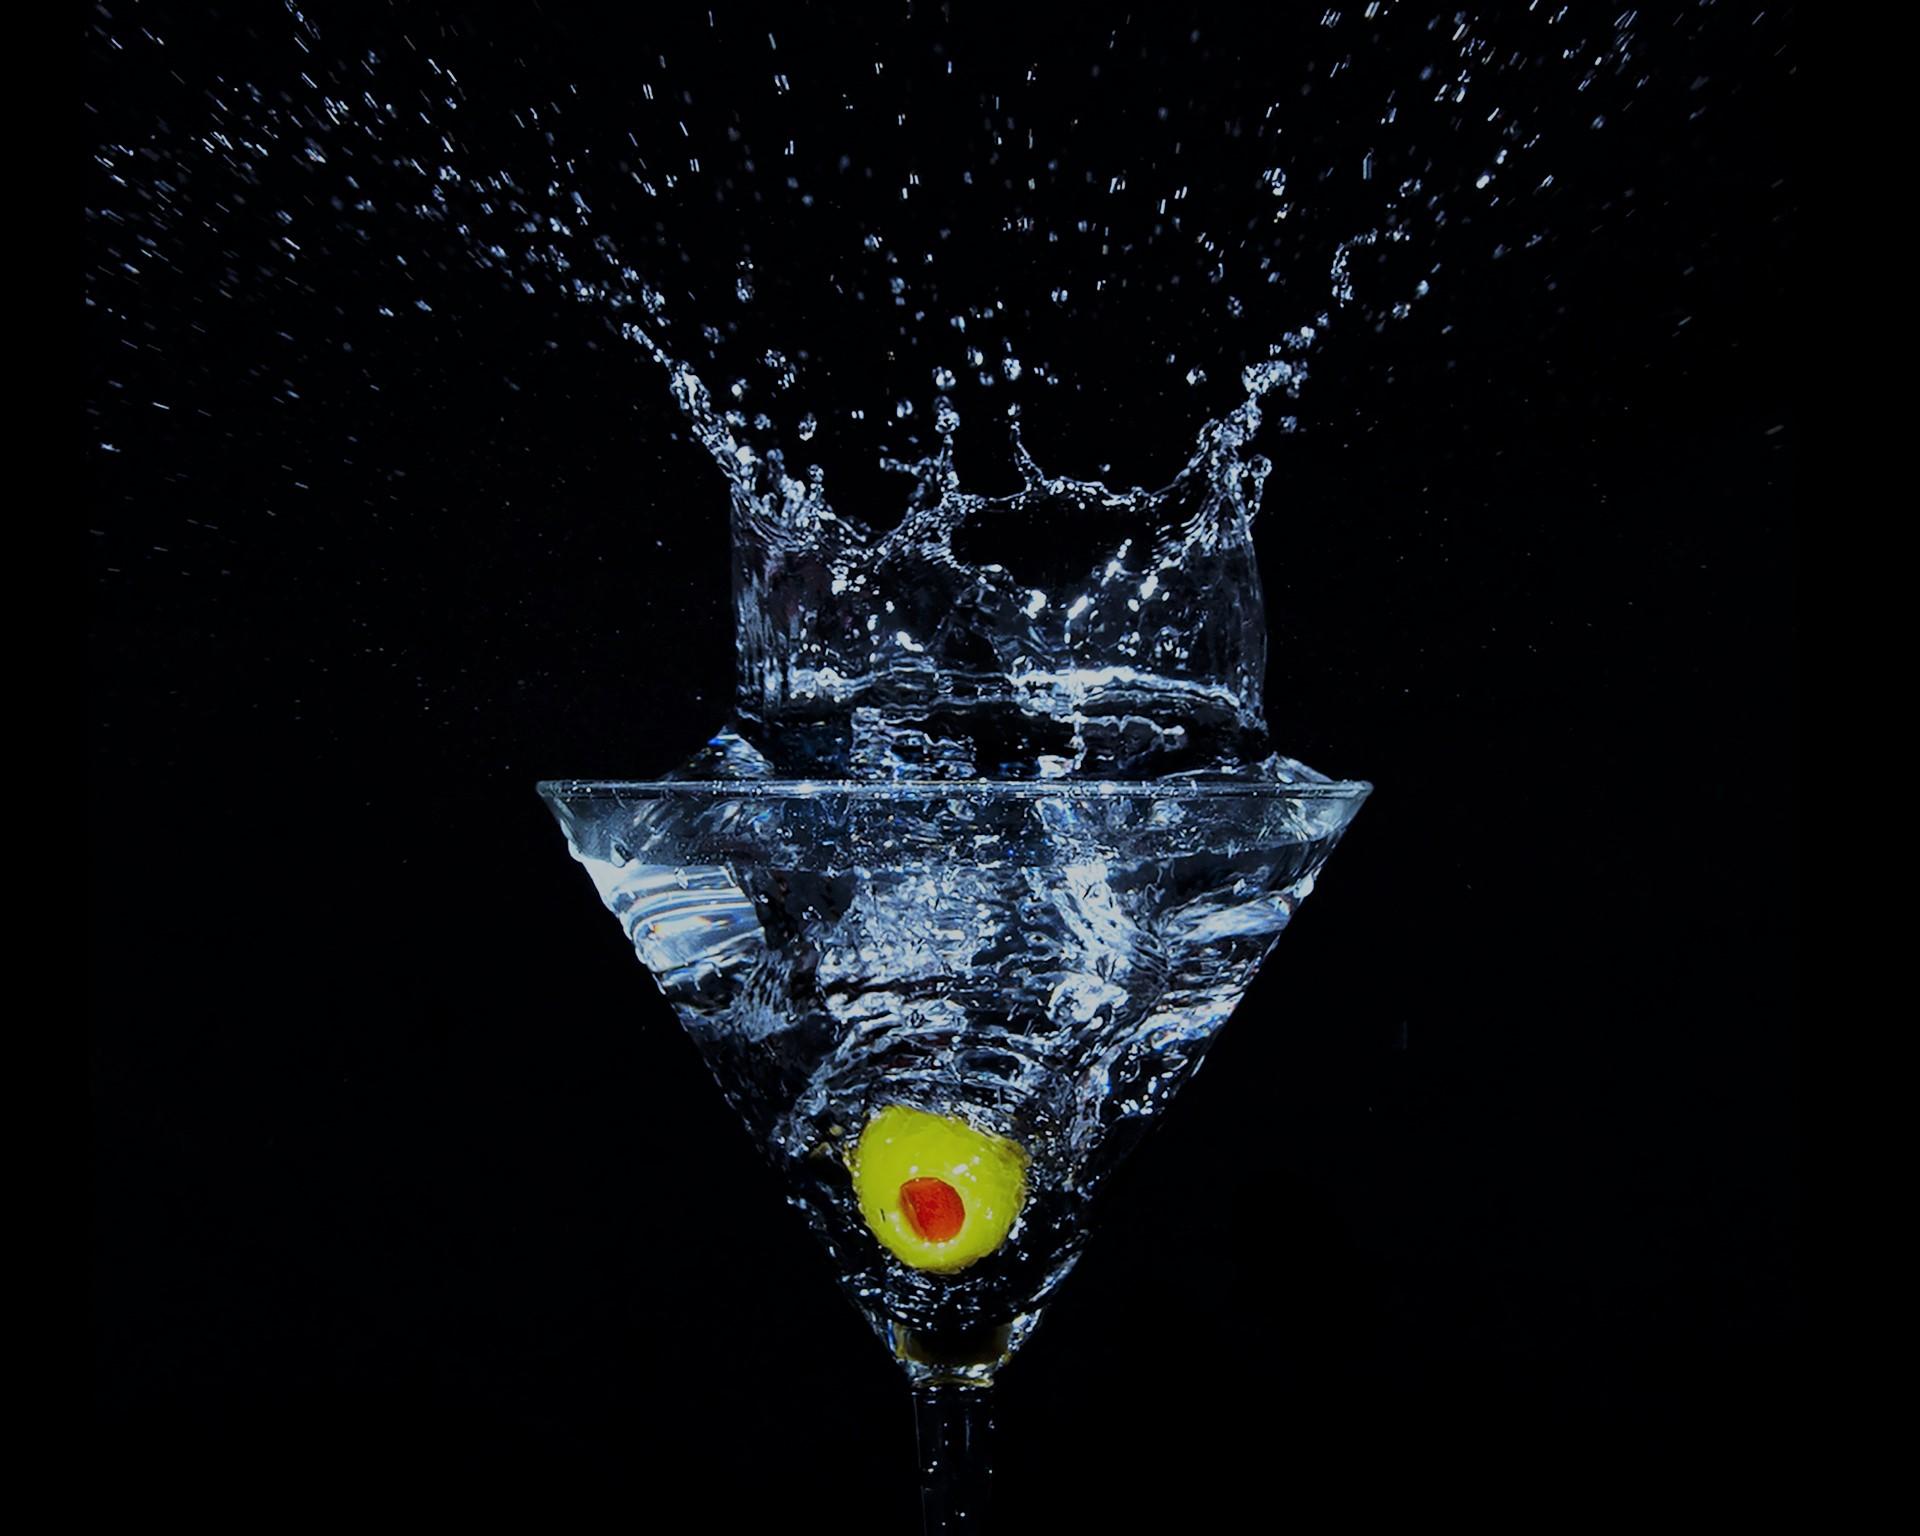 Das Bild zeigt ein Martiniglas.